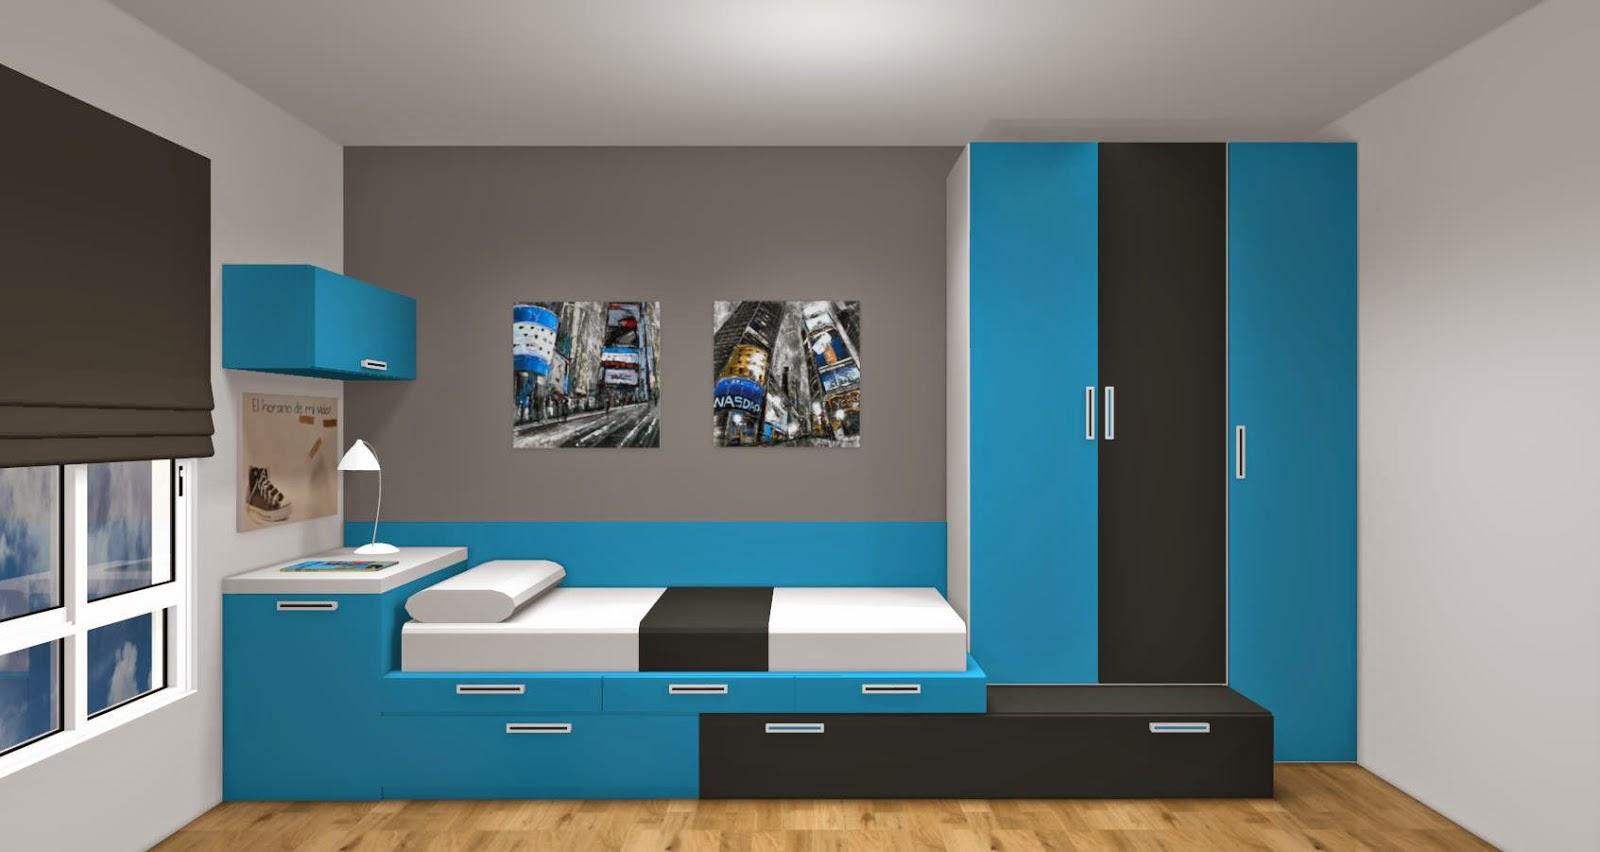 4 consejos antes de comprar dormitorios juveniles for Cuarto azul con gris